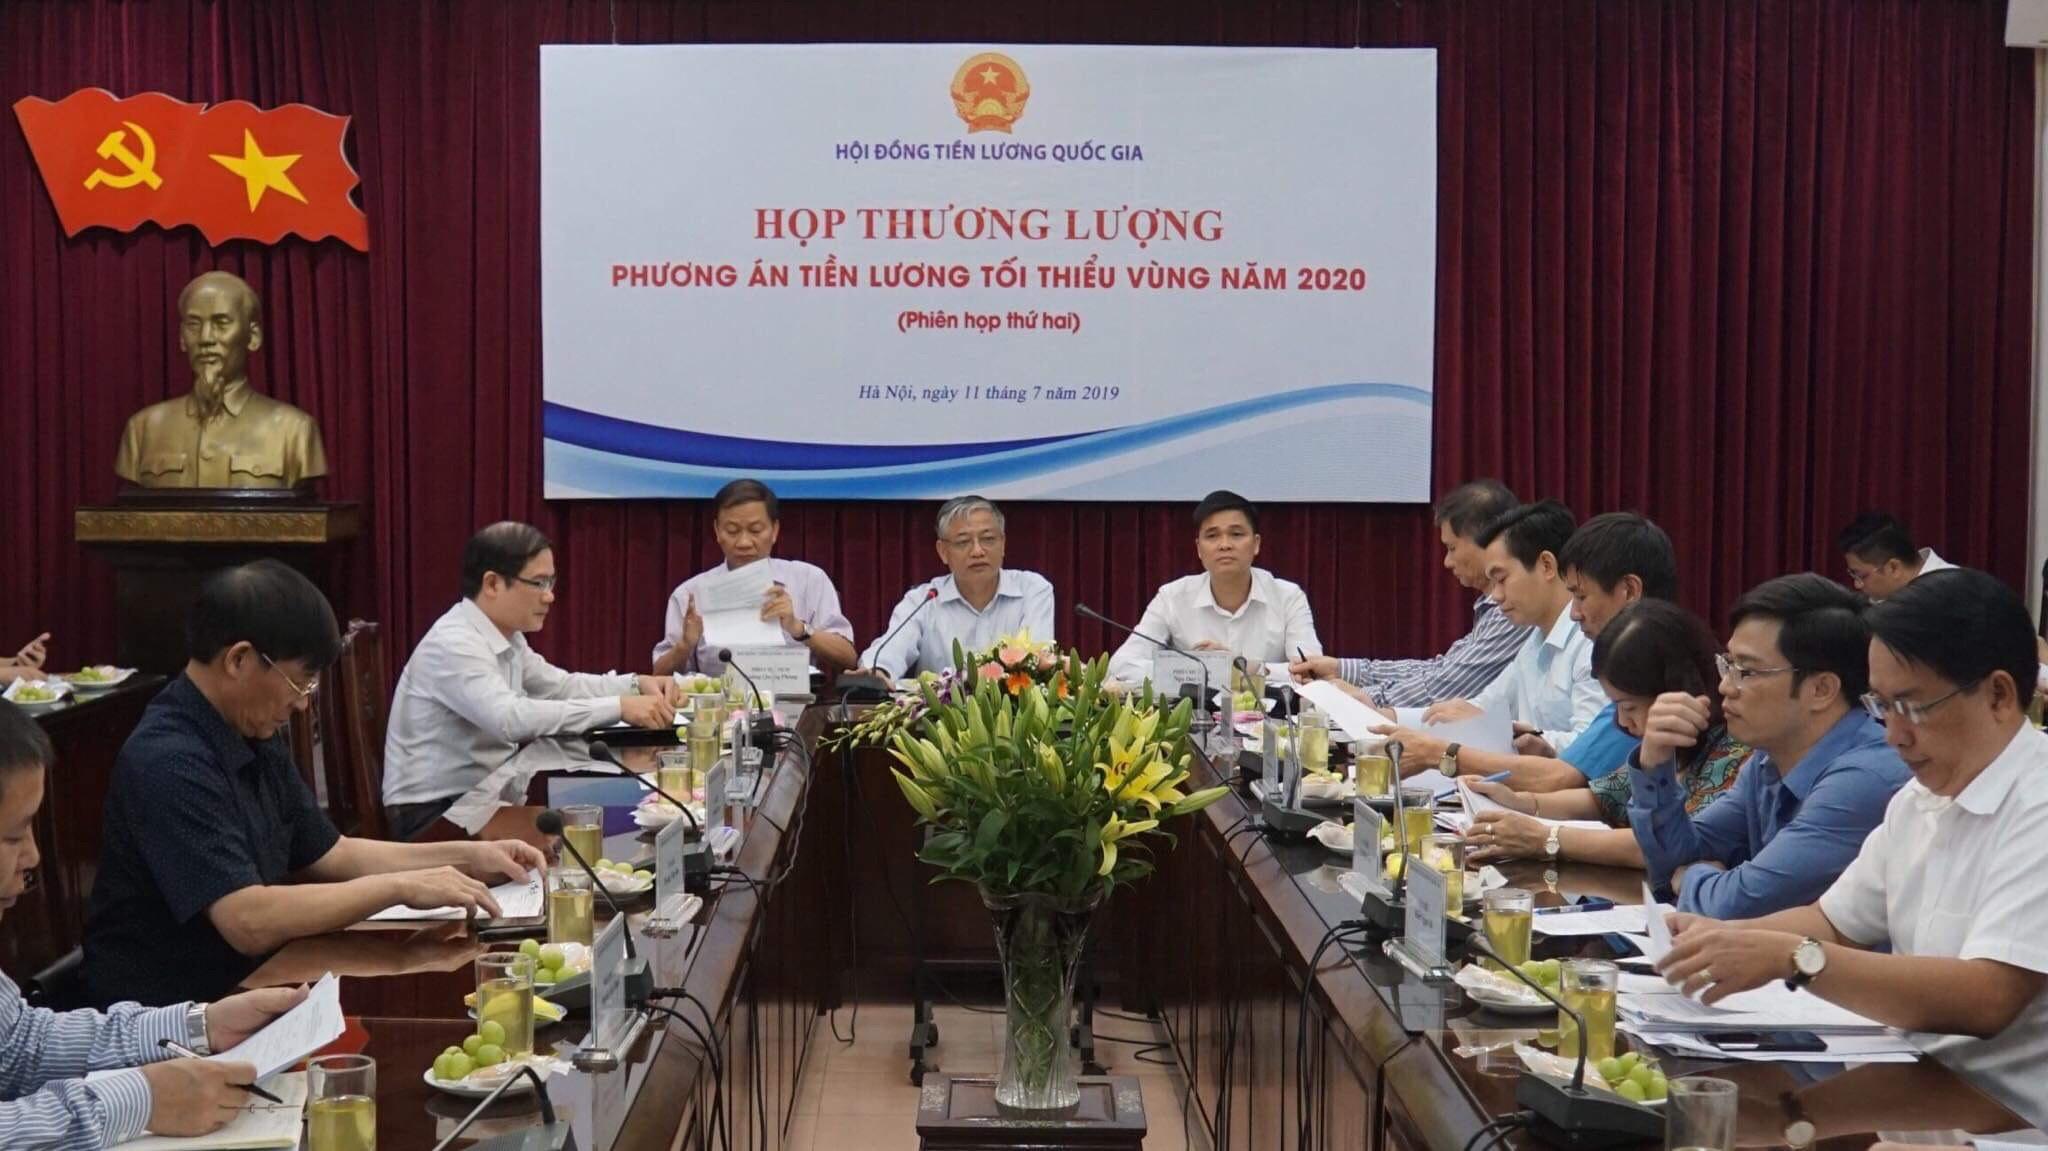 chot muc tang luong toi thieu vung nam 2020 la 55